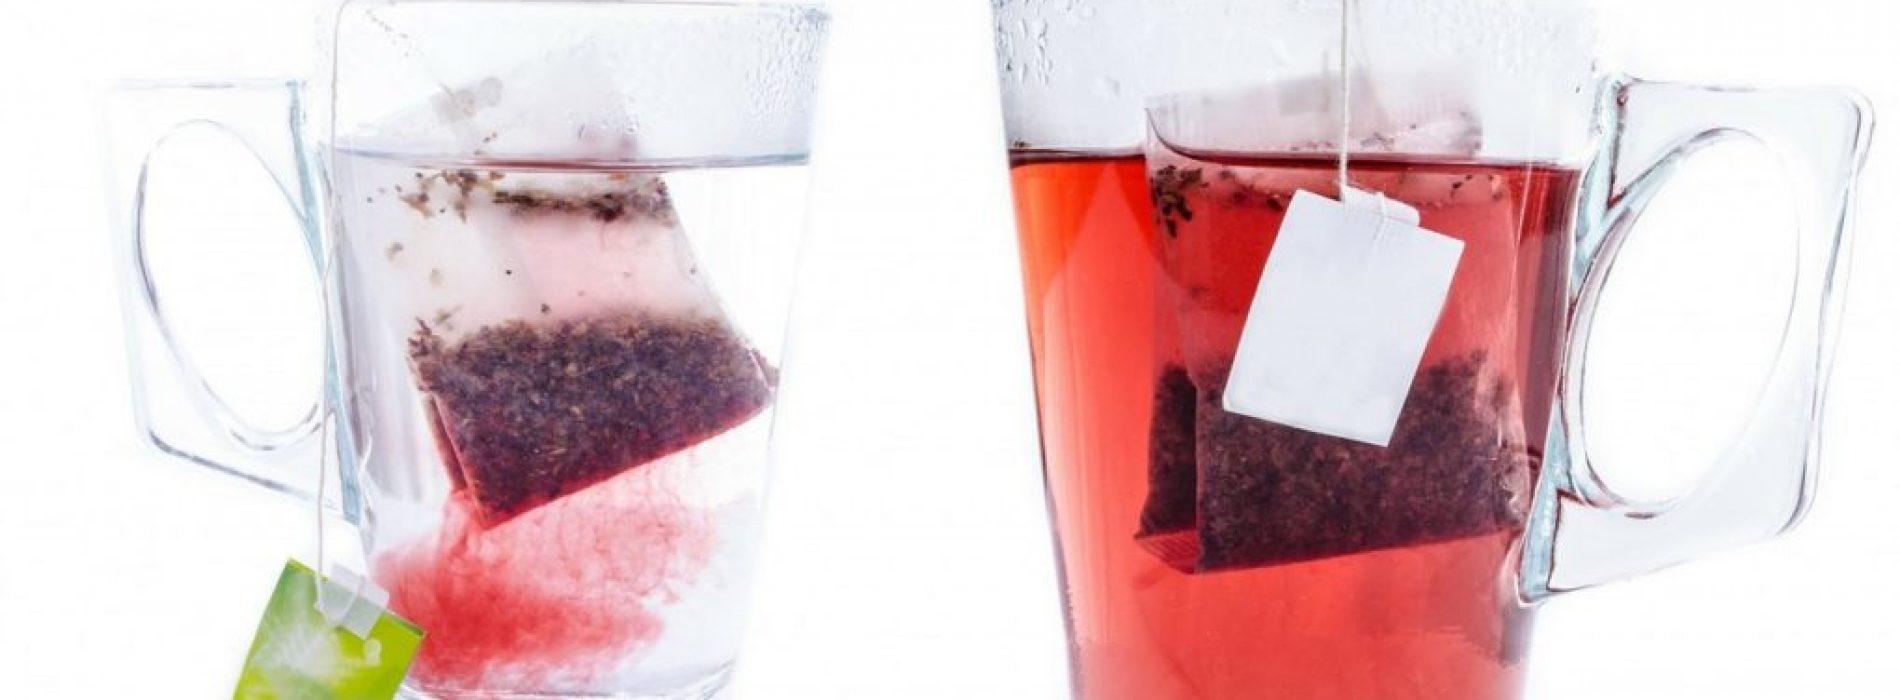 Plastic theezakjes geven microscopische deeltjes vrij in thee